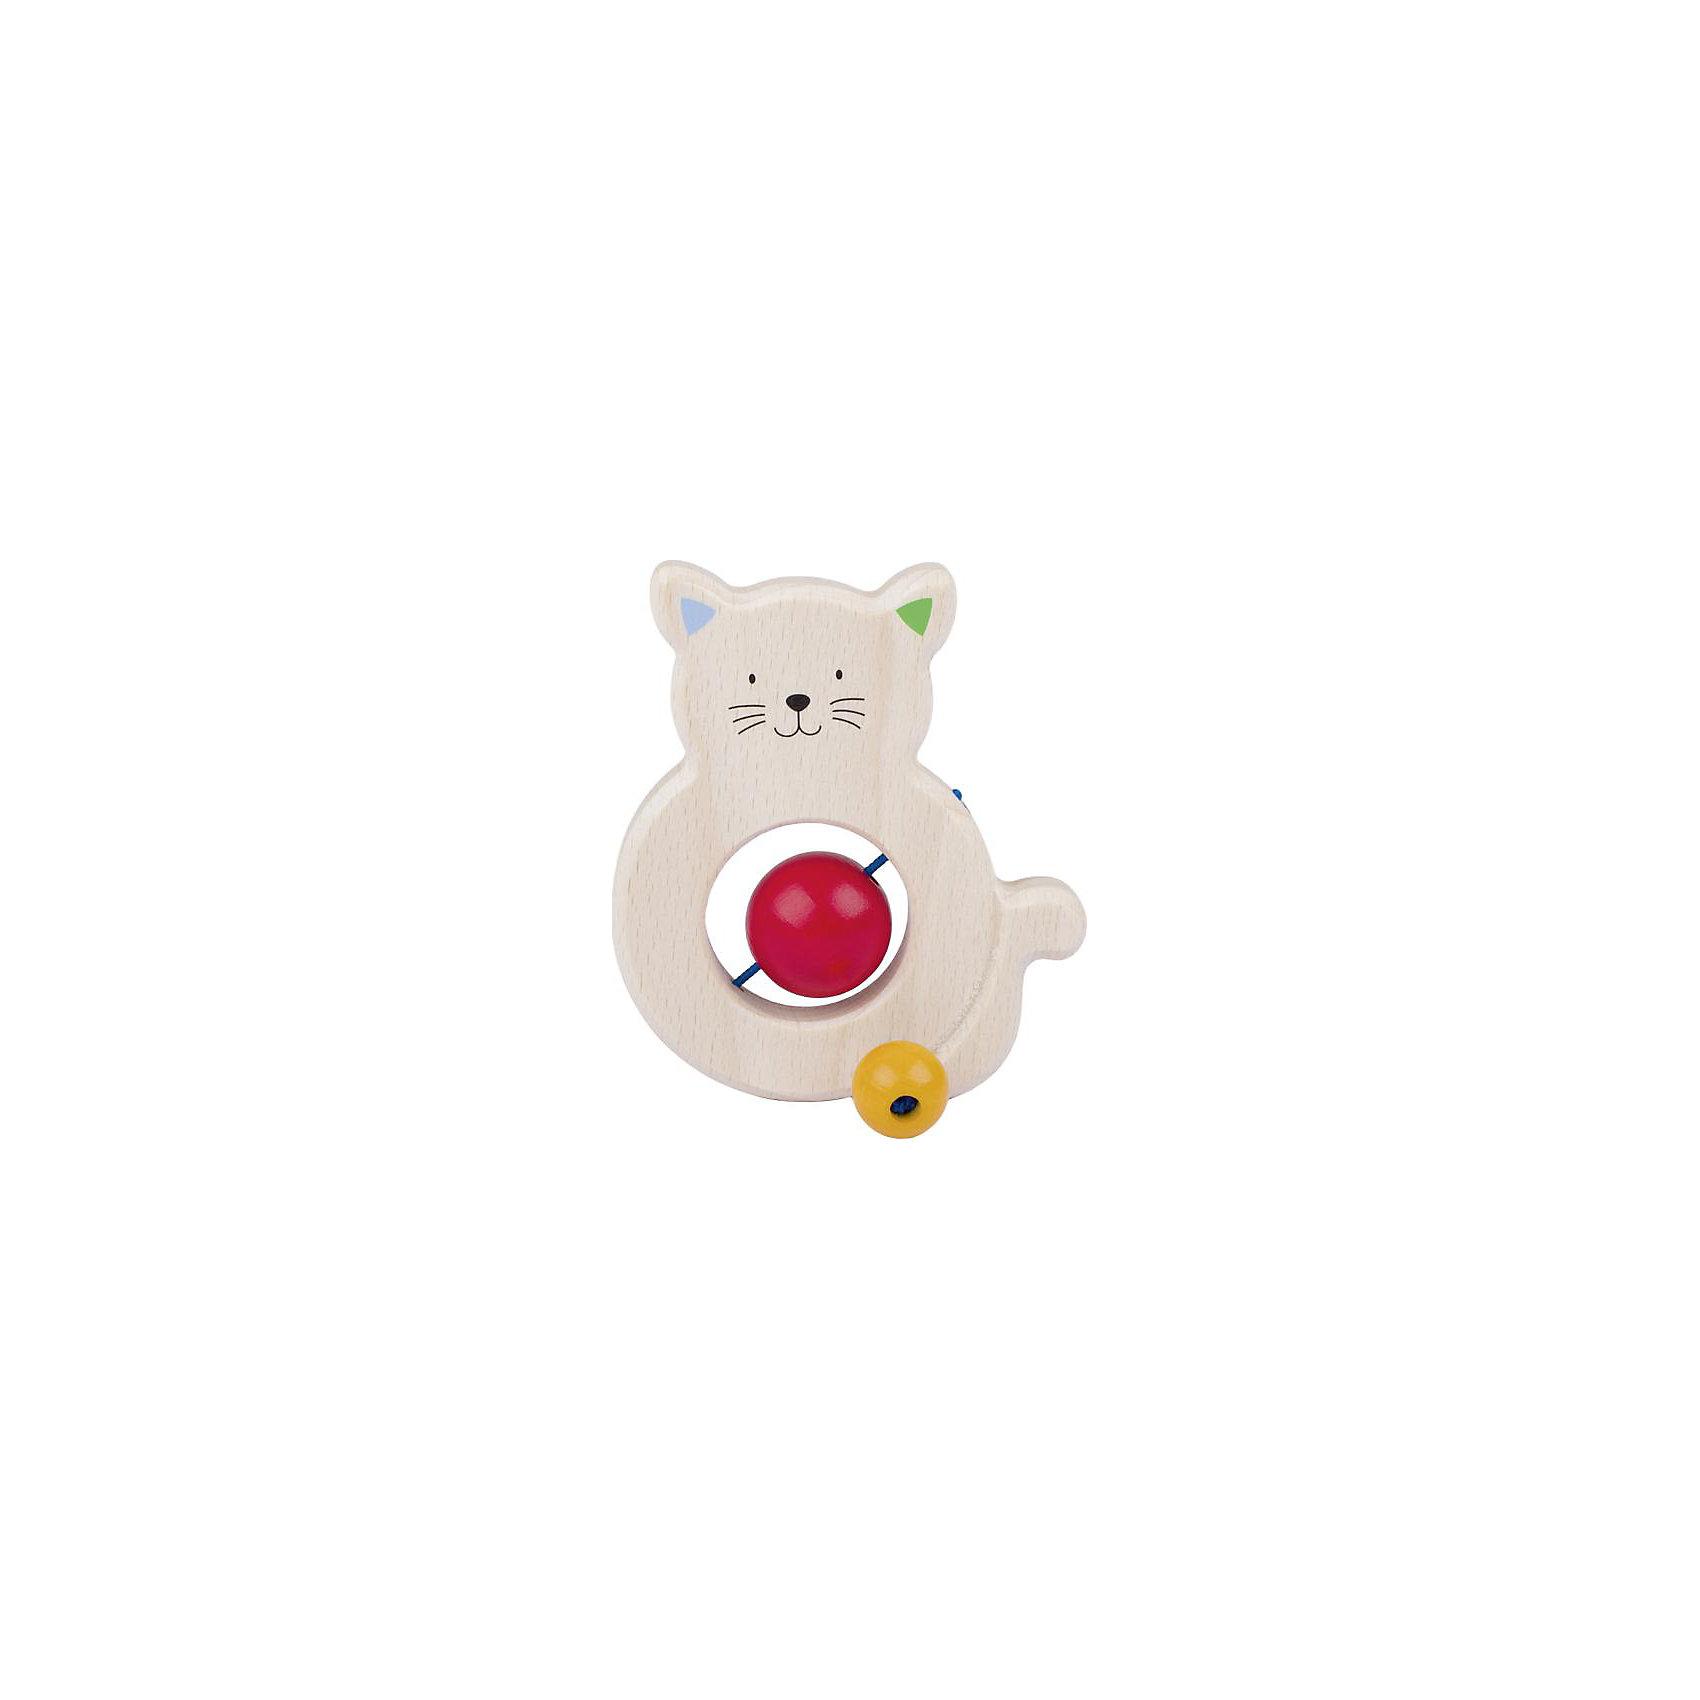 Игрушка Котик с бусинками, HEIMESSПрорезыватели<br>Характеристики товара:<br><br>- цвет: разноцветный;<br>- материал: дерево;<br>- размер упаковки: 10 x 10 x 10 см;<br>- вес: 50 г.<br><br>Детская красивая игрушка – отличный подарок для родителей и ребенка. В процессе игры с ней ребенок развивает моторику, тактильное восприятие, воображение, внимание и координацию движений. Игрушка тщательно обработана, её можно кусать - она сделана из безопасного дерева. Игрушка разработана специально для маленьких ручек ребёнка. <br>Такая игрушка позволит малышу с детства развивать цветовосприятие, также она помогает детям научиться фокусировать внимание. Изделие произведено из качественных материалов, безопасных для ребенка.<br><br>Игрушку Котик с бусинками от бренда HEIMESS можно купить в нашем интернет-магазине.<br><br>Ширина мм: 100<br>Глубина мм: 100<br>Высота мм: 100<br>Вес г: 50<br>Возраст от месяцев: 3<br>Возраст до месяцев: 24<br>Пол: Унисекс<br>Возраст: Детский<br>SKU: 5155297